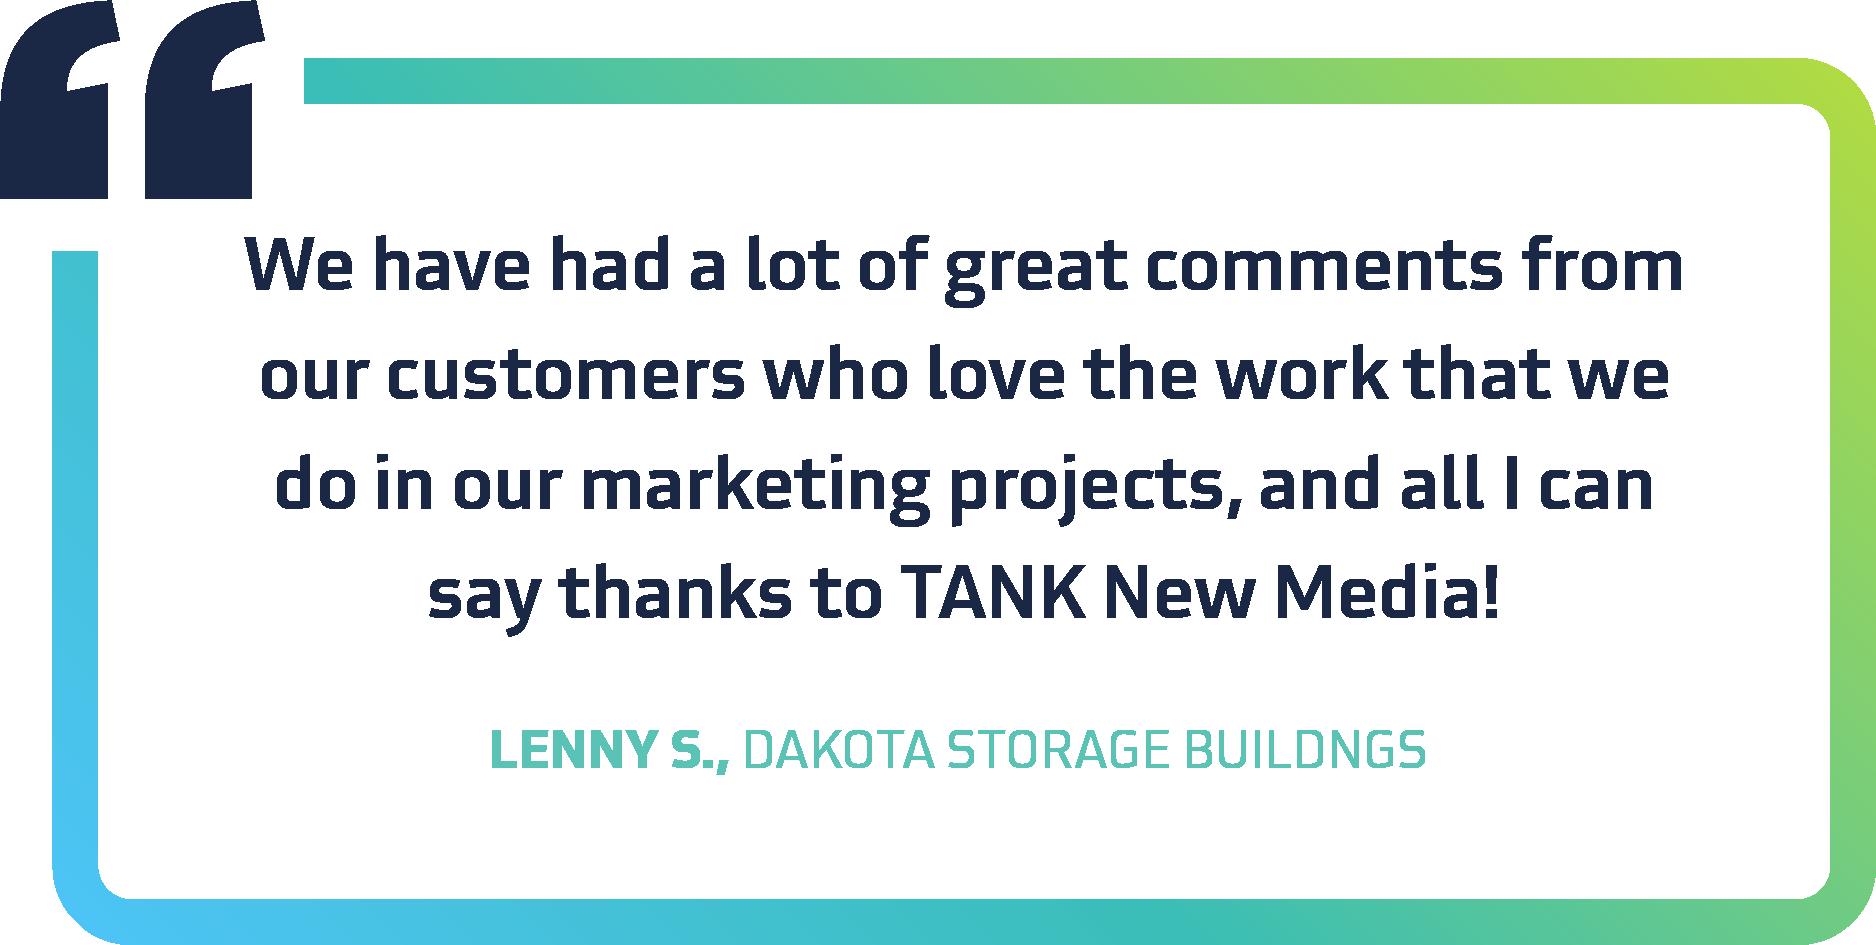 Content_DakotaStorageBuildings_MarketingQuote